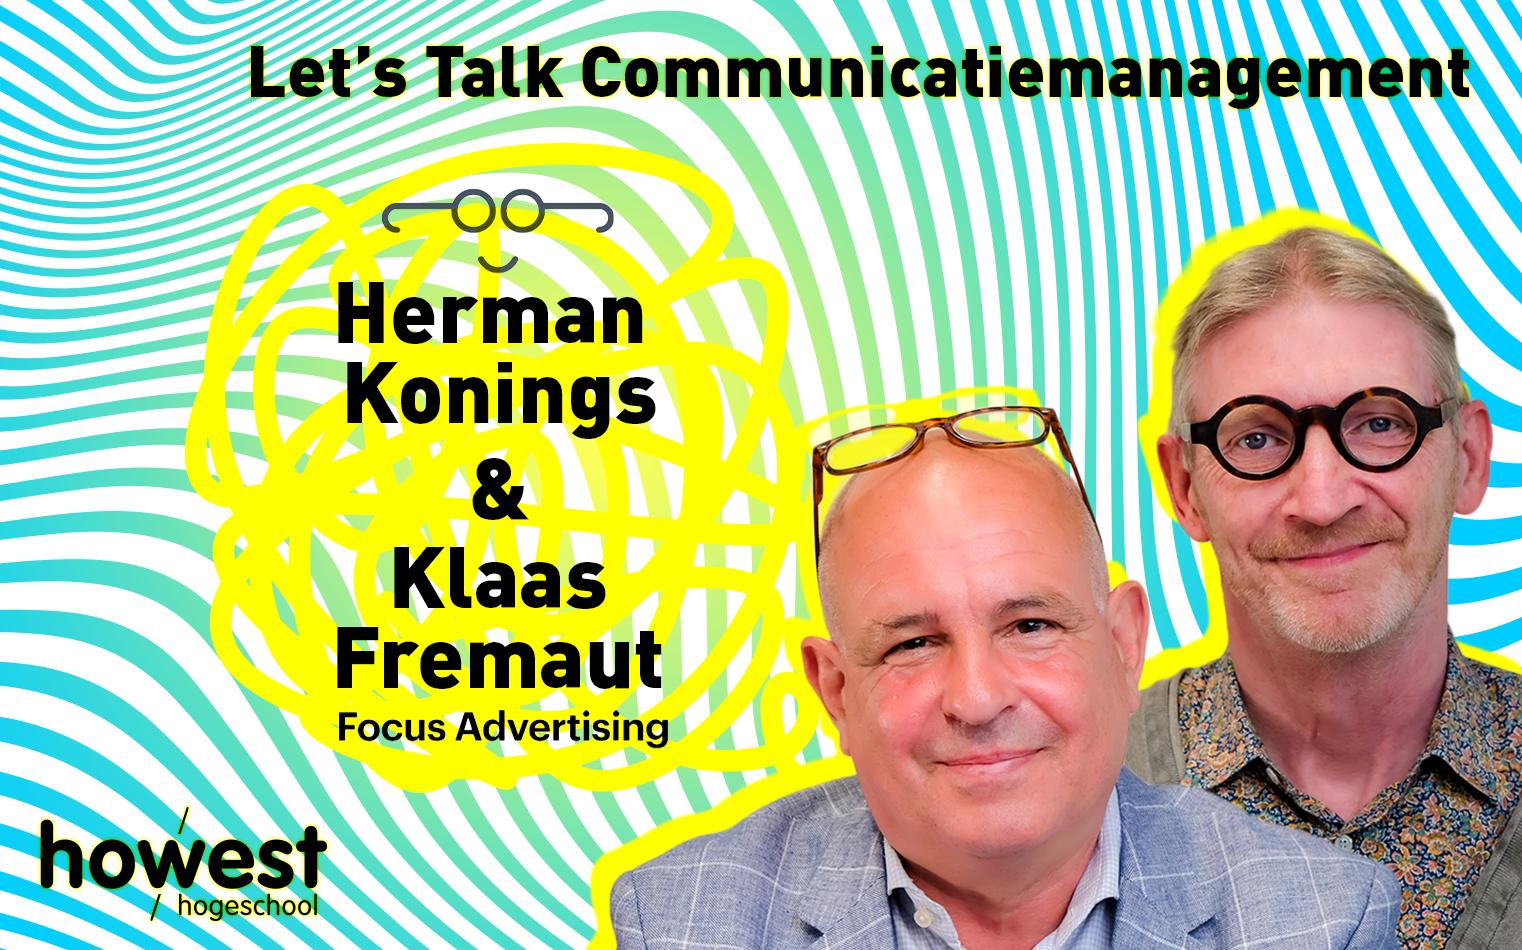 foto van Herman Konings en Klaas Fremaut voor Let's Talk Communicatiemanagement